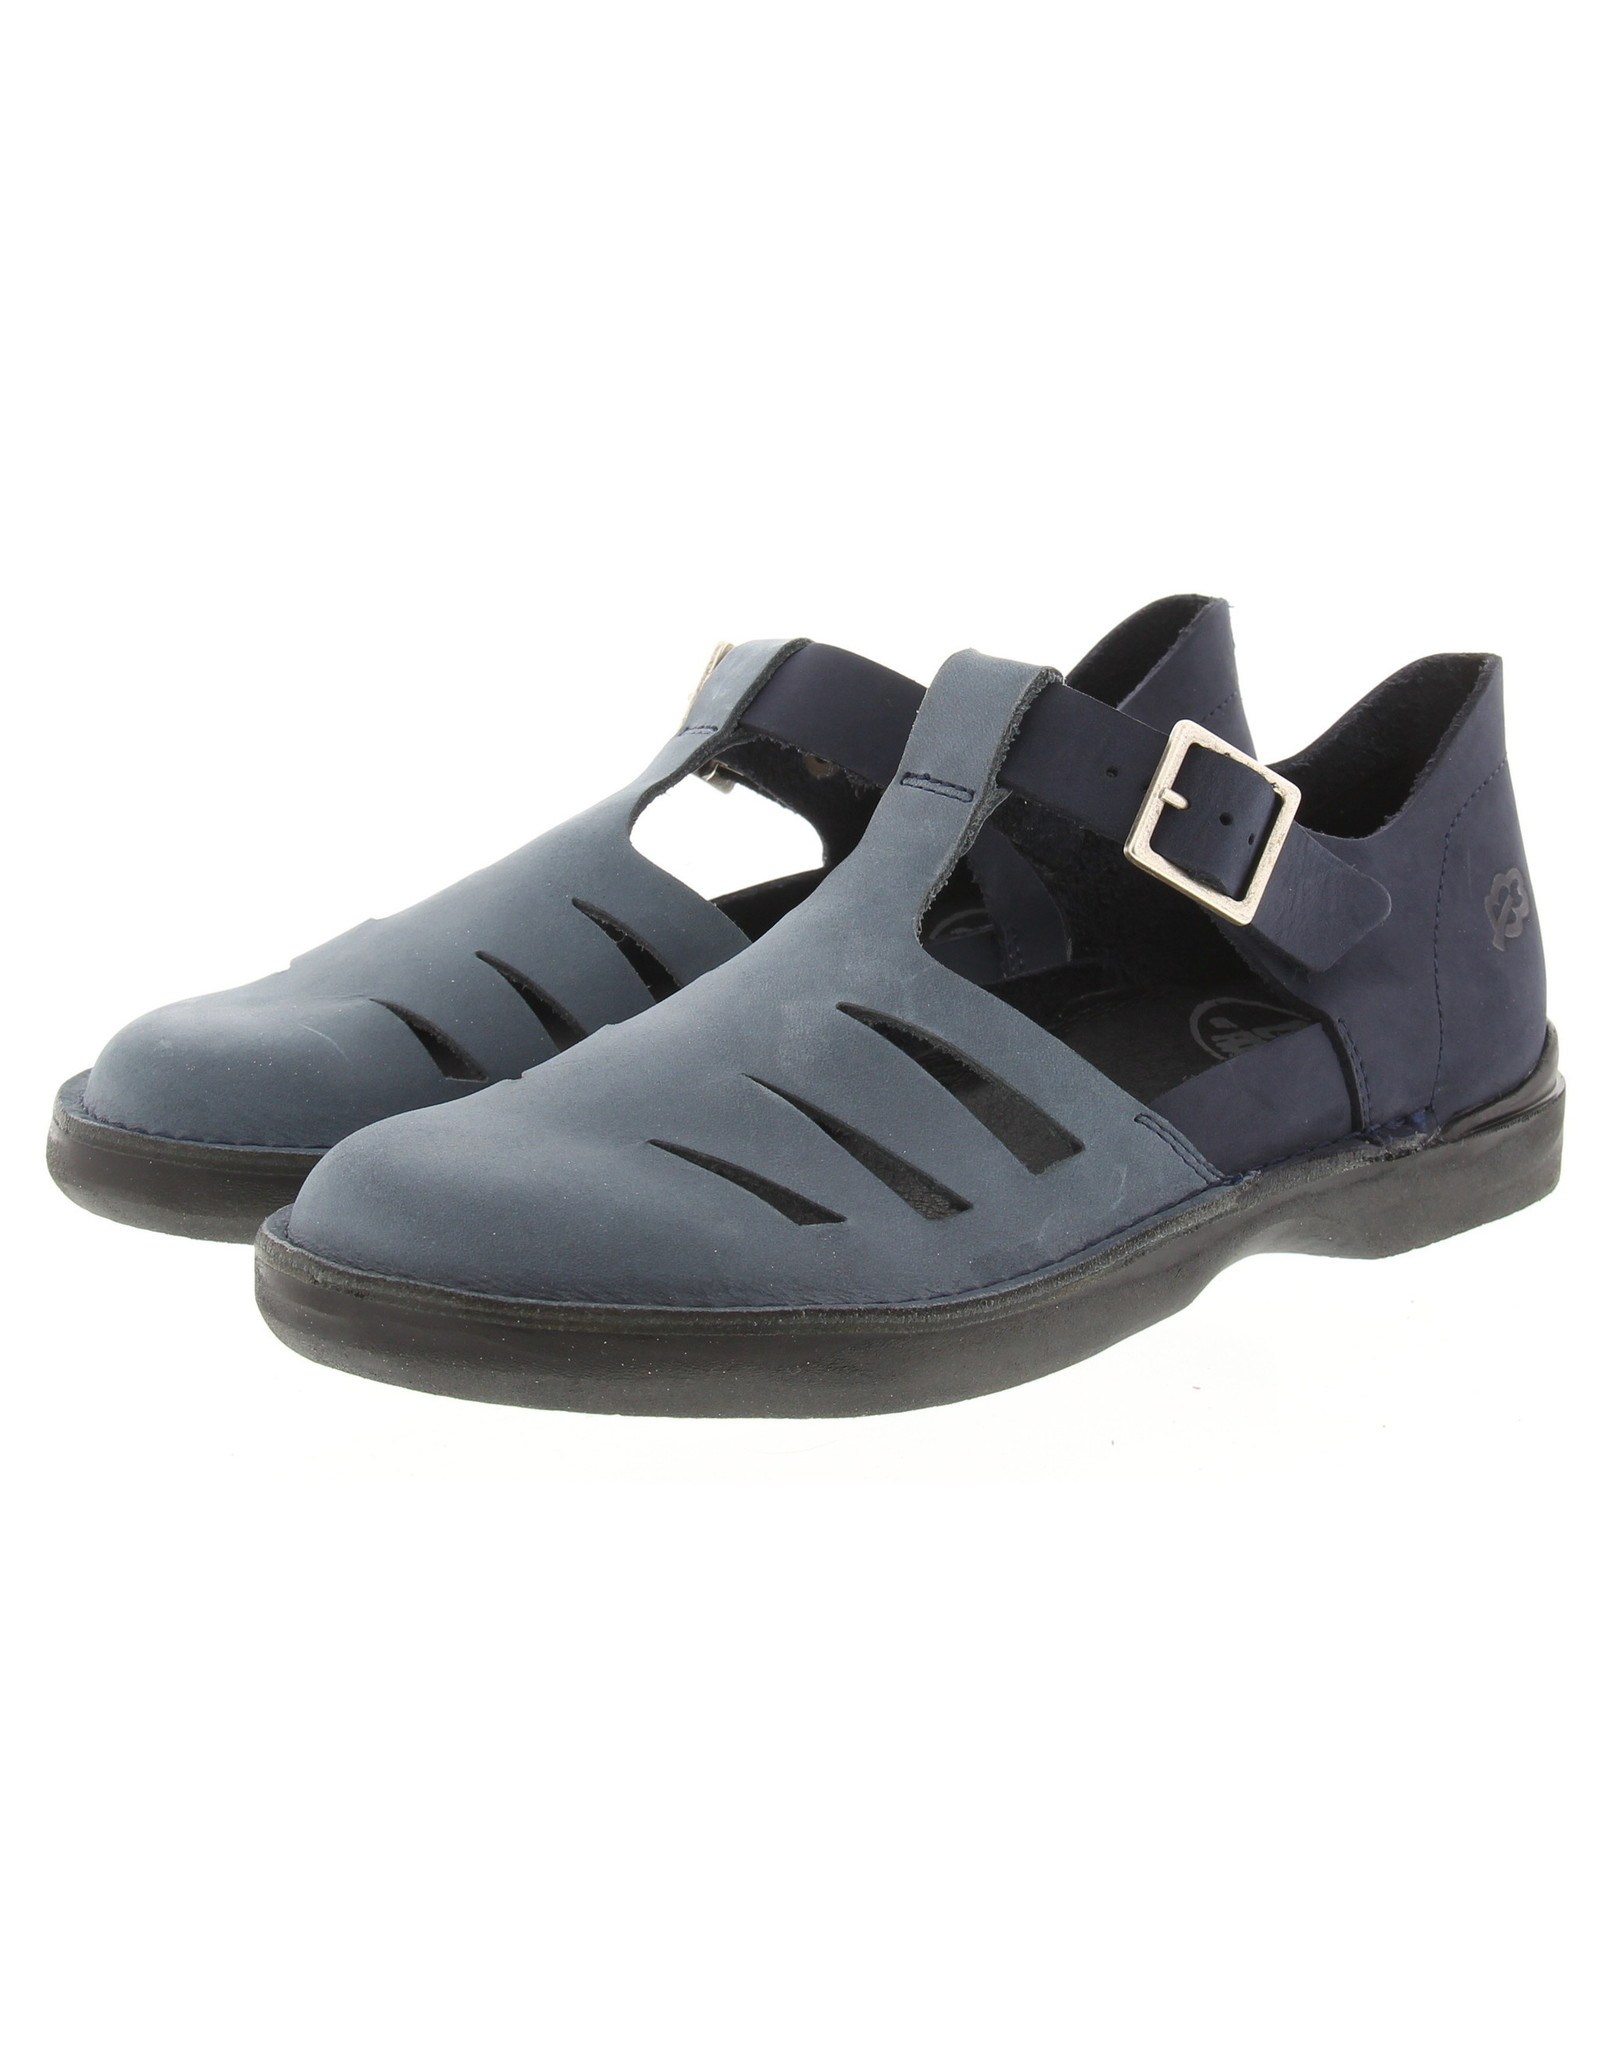 Loints Triathlon 57890 1139 jeans blue